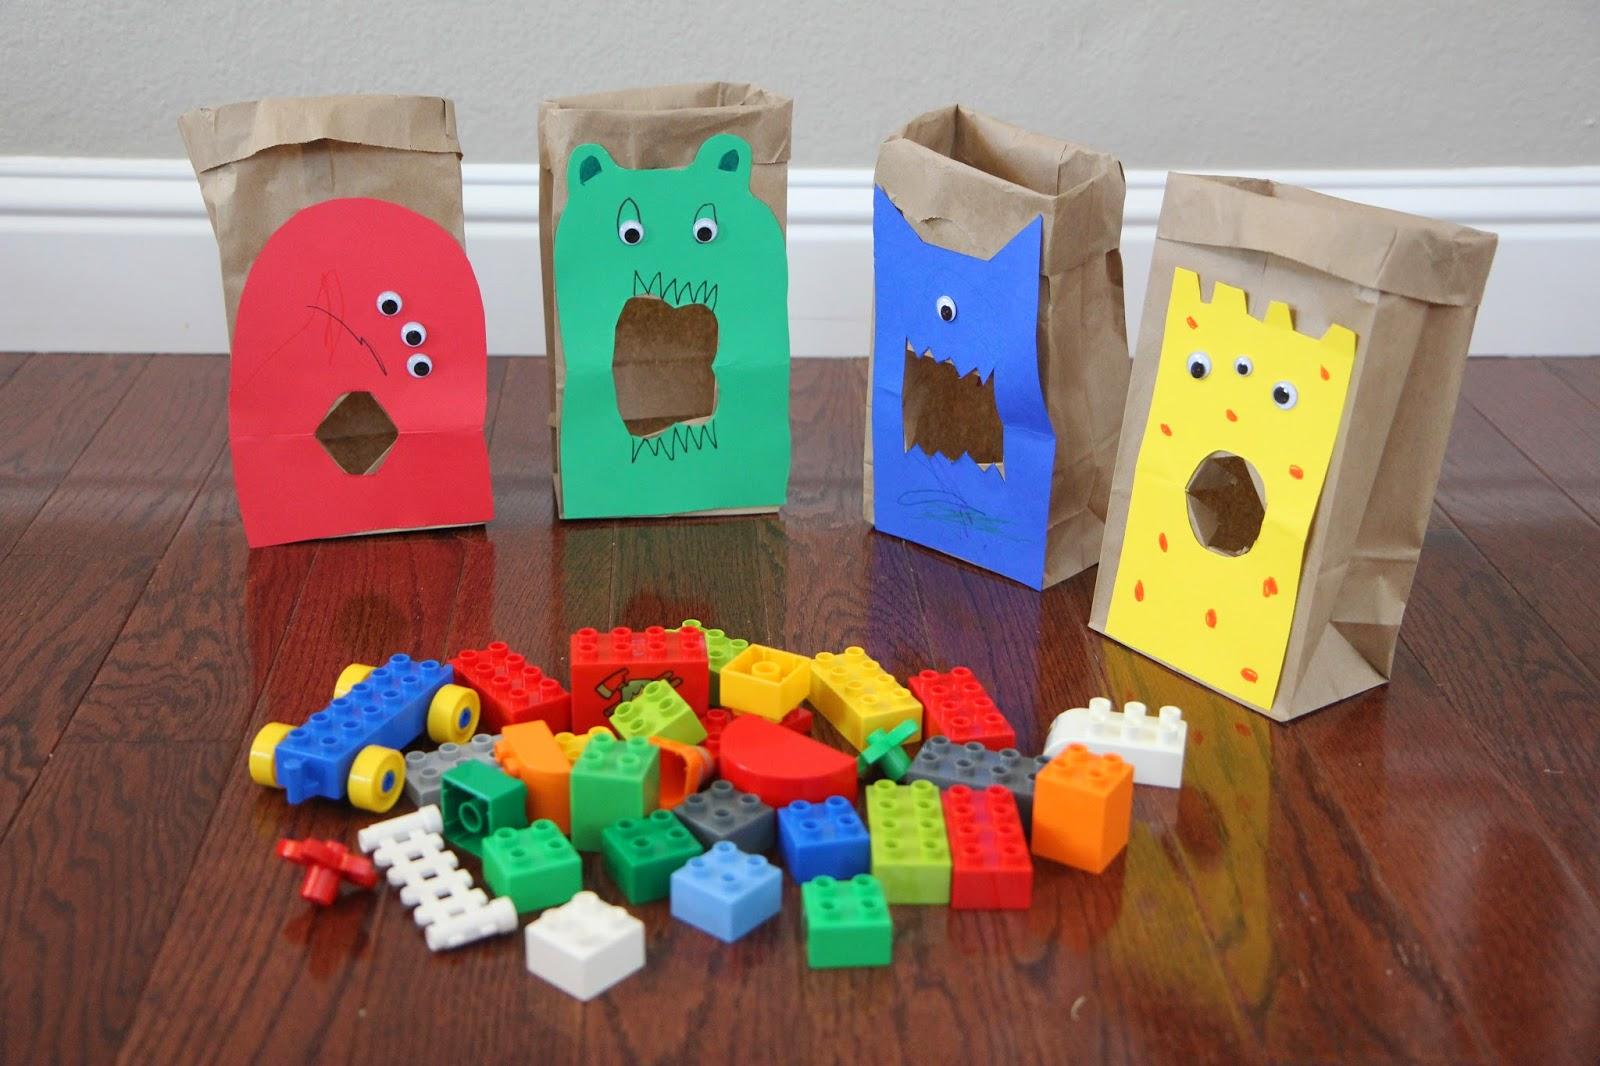 jocuri pentru copii mari i mici jocuri de asociere si sortare. Black Bedroom Furniture Sets. Home Design Ideas